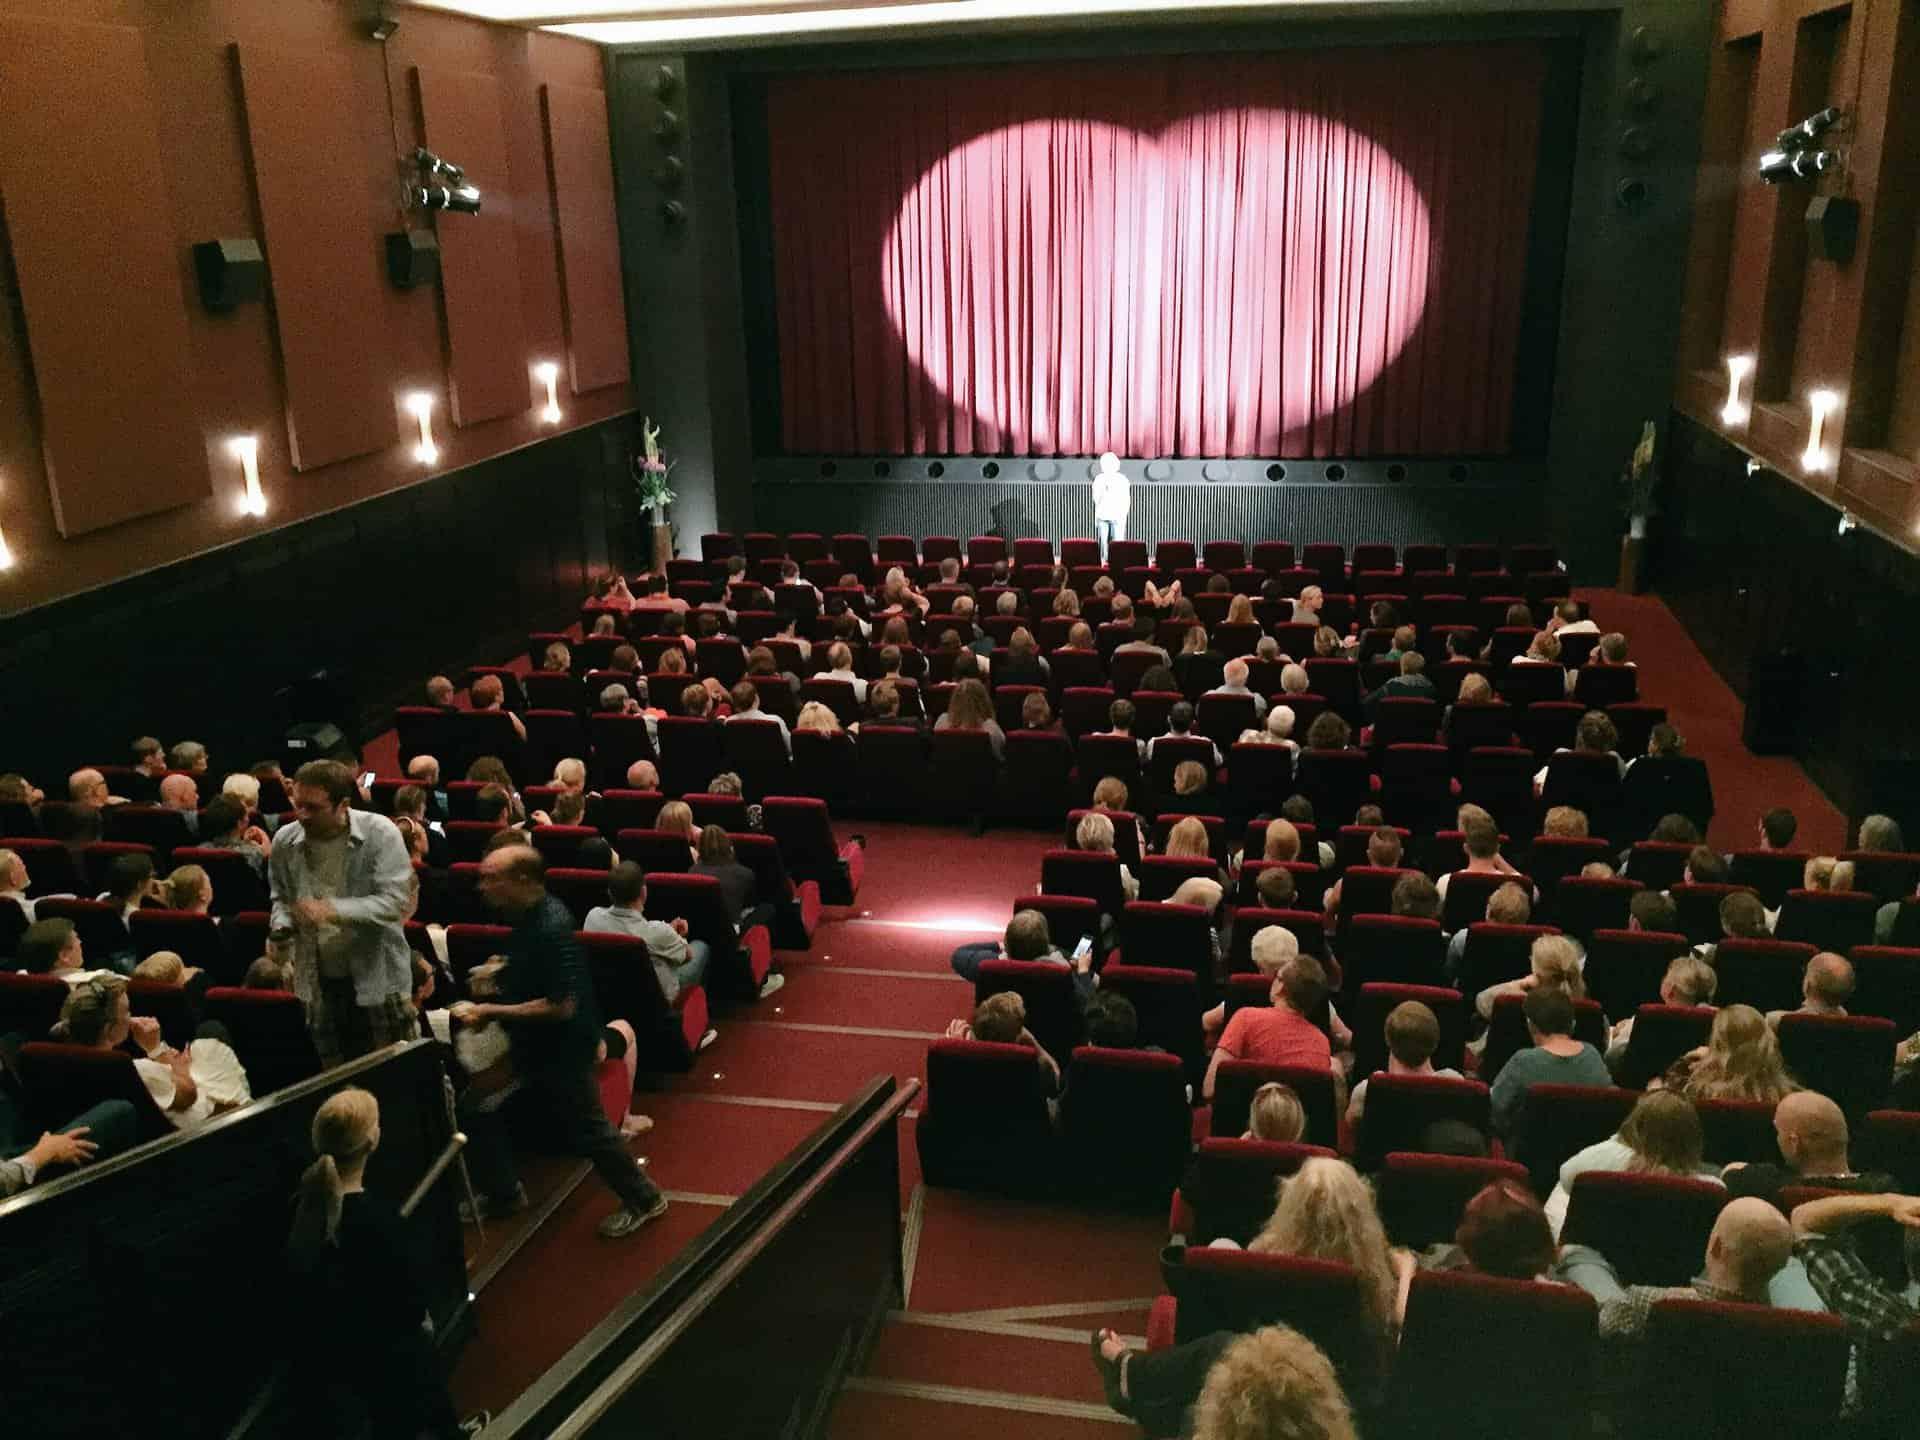 Grand Teatret kåret som en af verdens 50 smukkeste biografer.